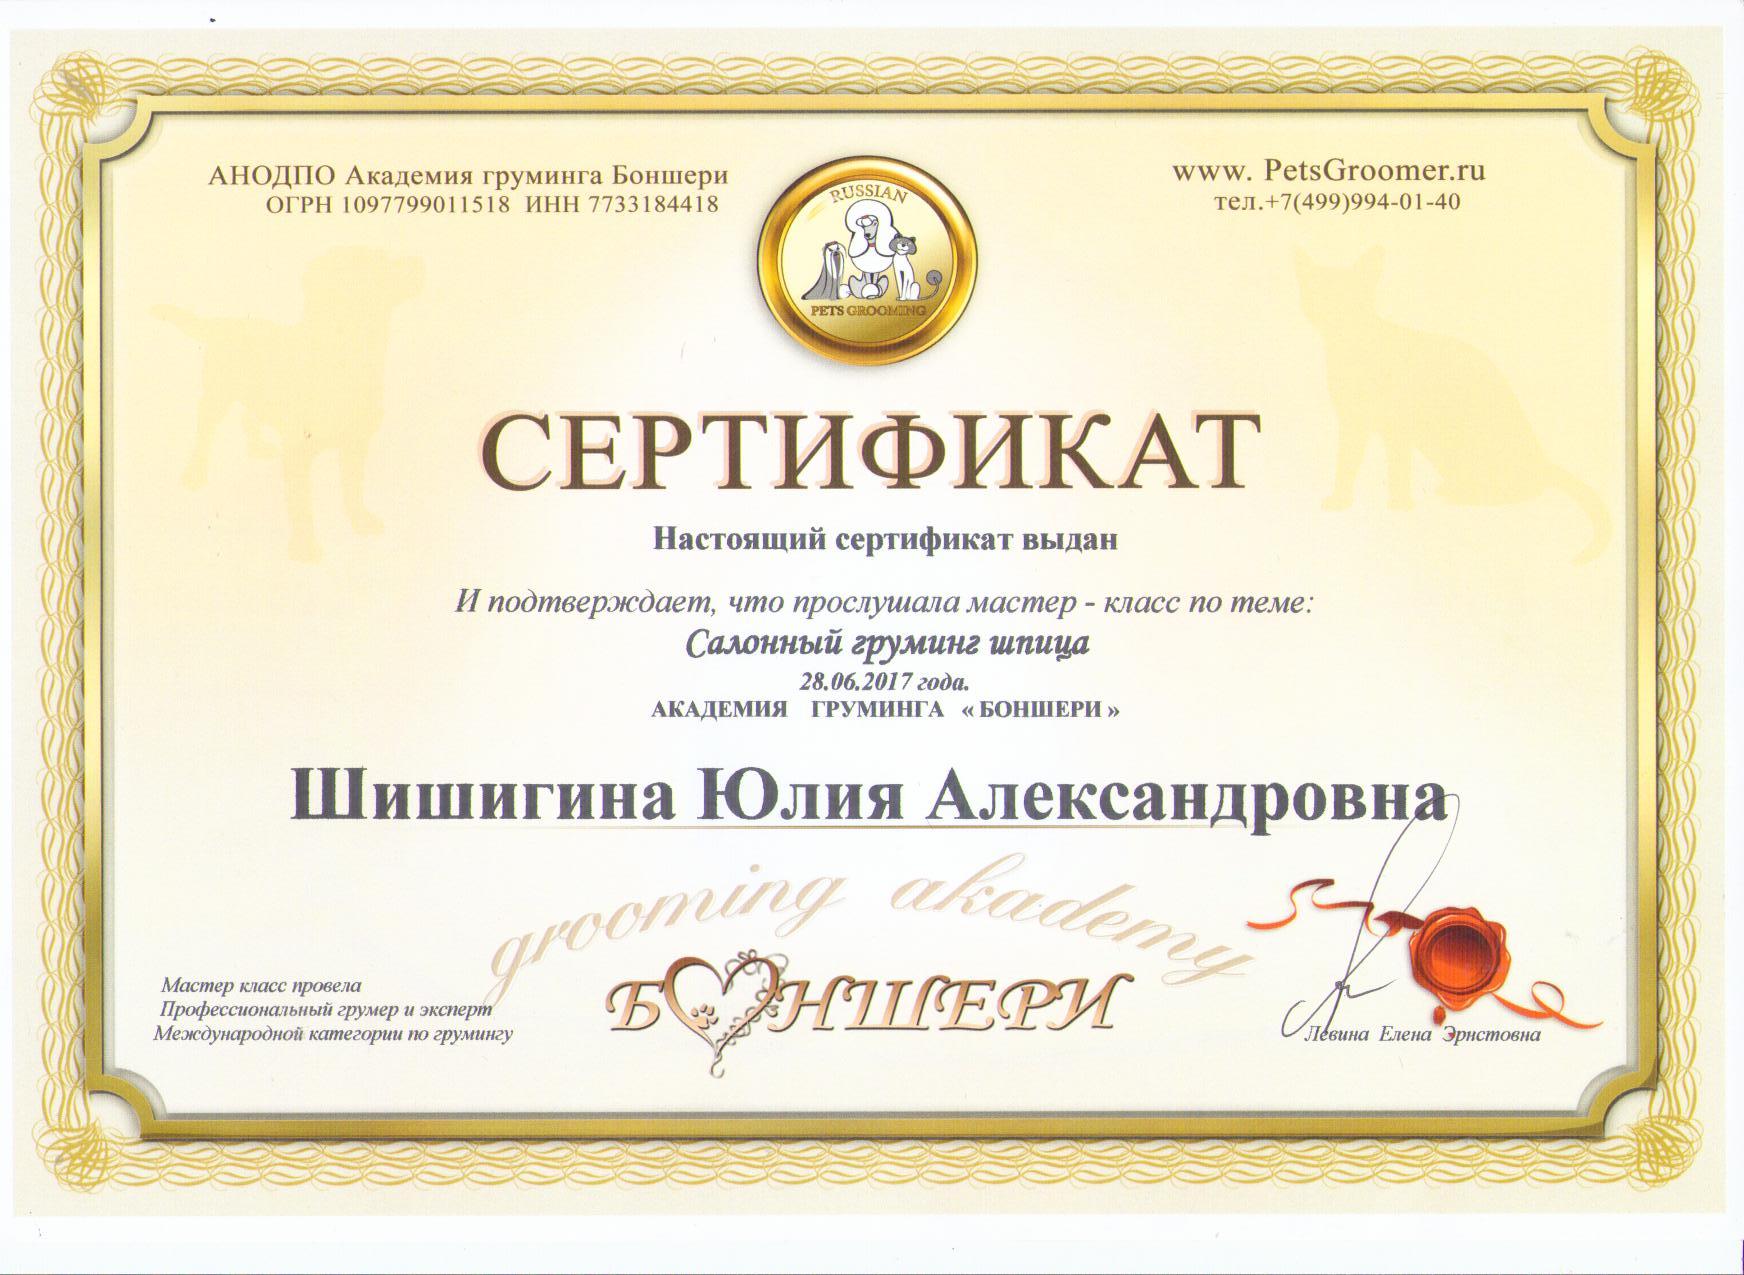 Шишигина Юлия шпиц